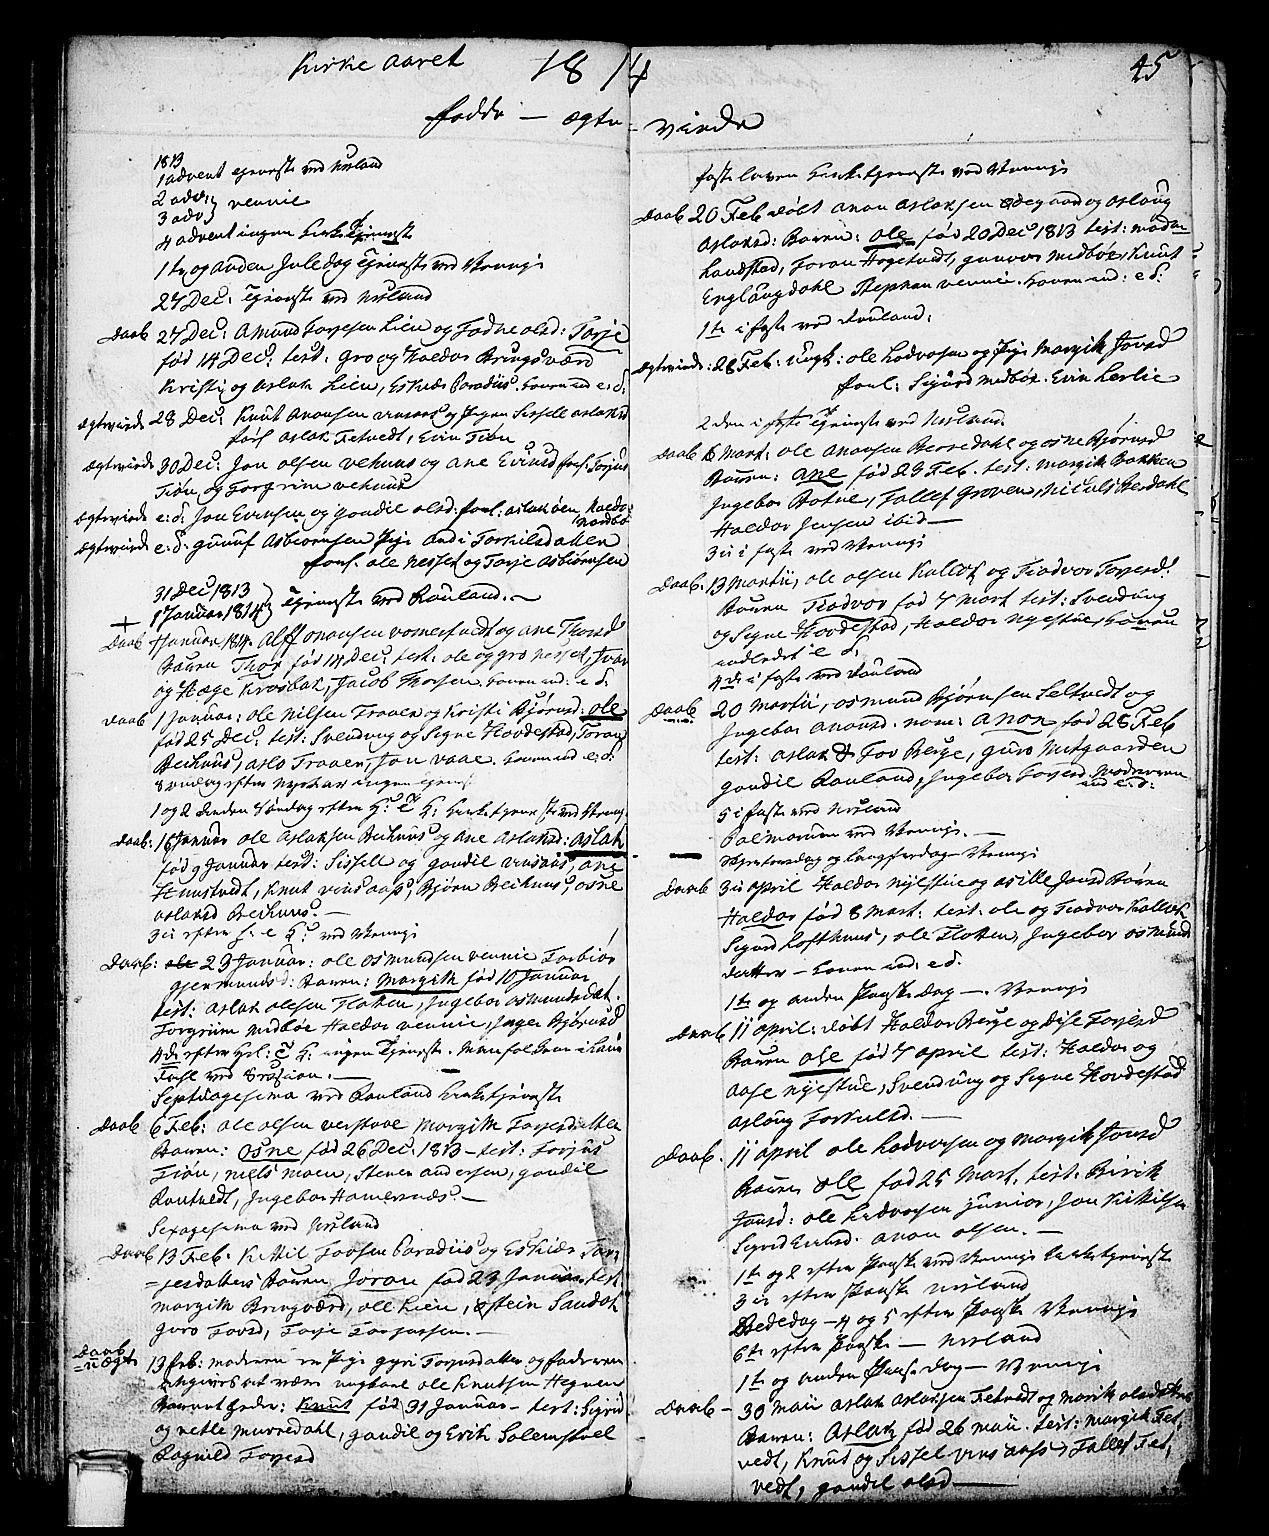 SAKO, Vinje kirkebøker, F/Fa/L0002: Ministerialbok nr. I 2, 1767-1814, s. 45